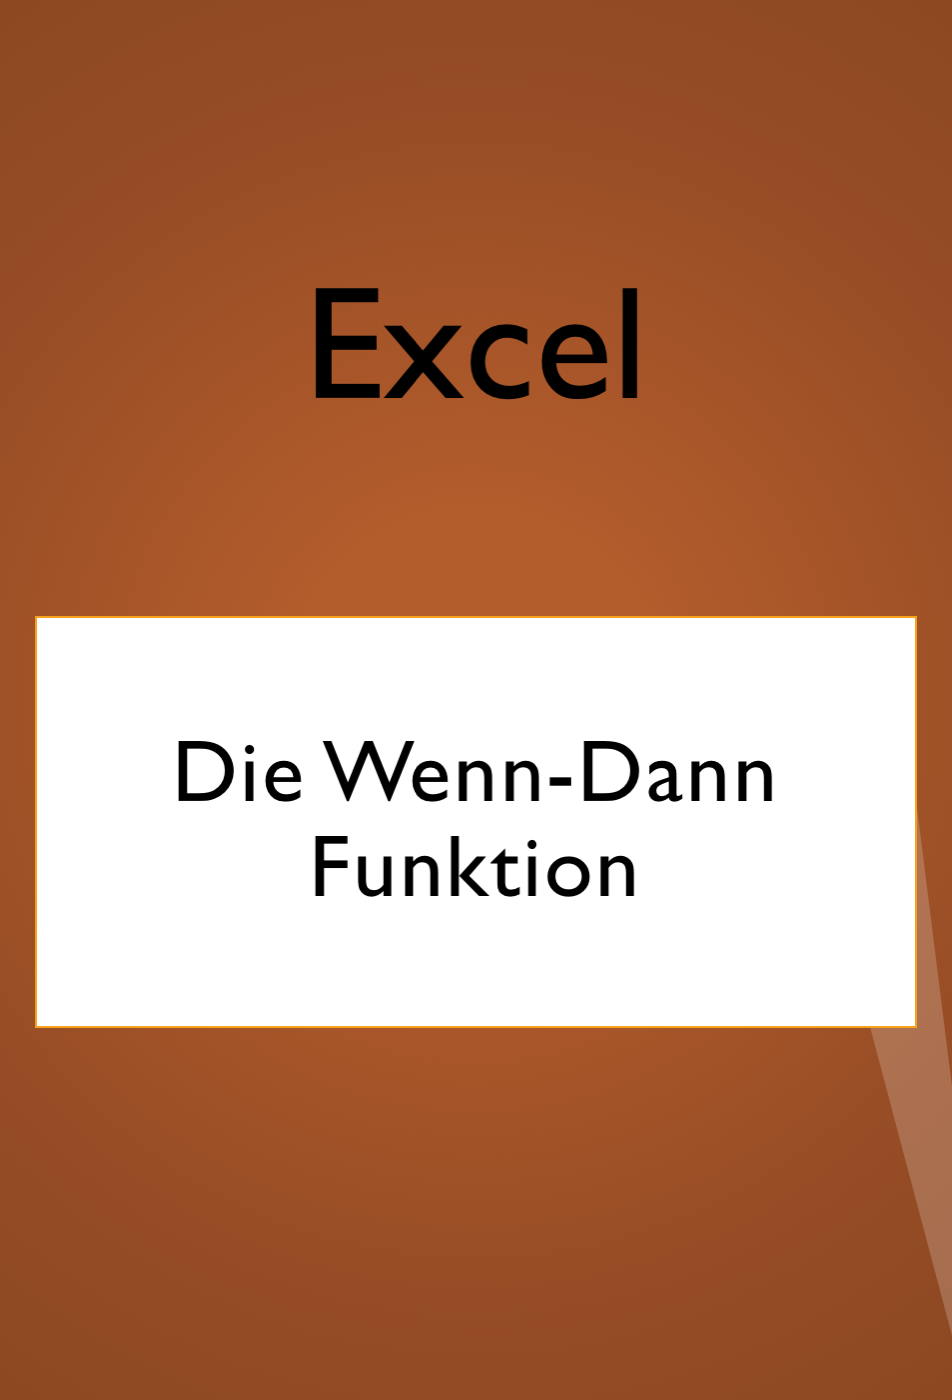 Excel Tipps Und Tricks In 2020 Excel Tipps Tipps Und Tricks Tipps